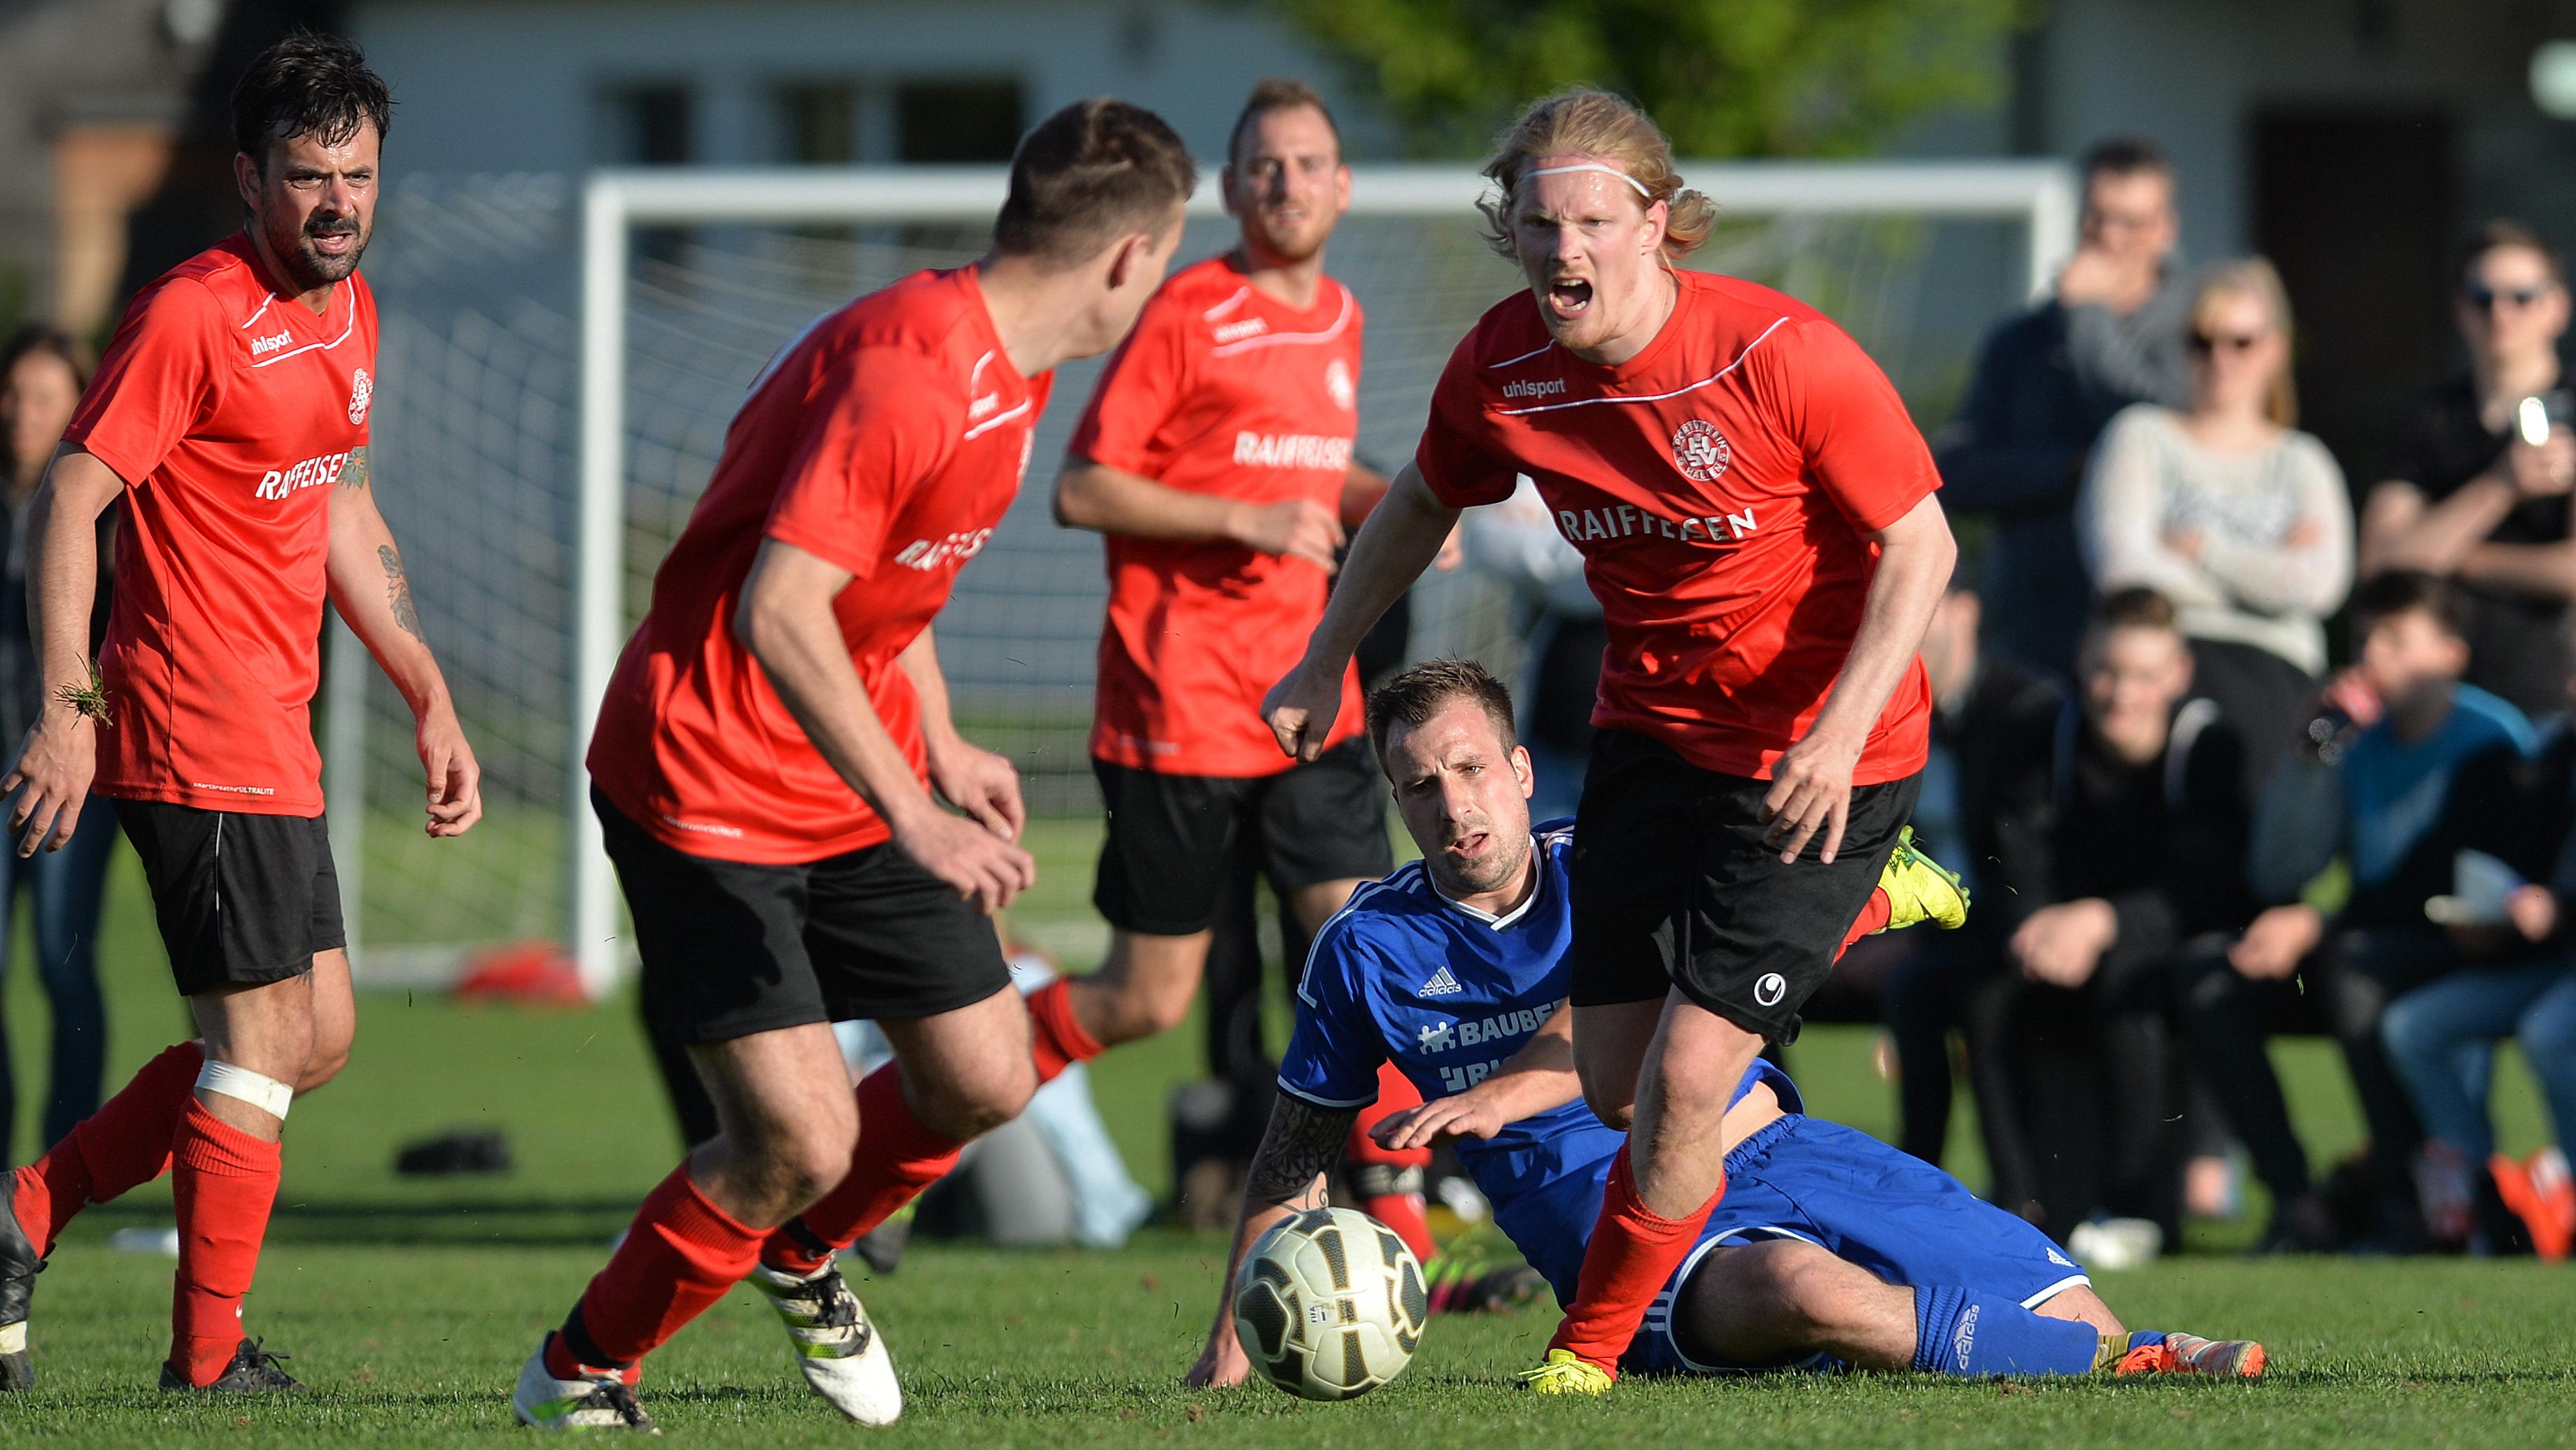 Matchvorschau: FC Bettlach – 1. Mannschaft